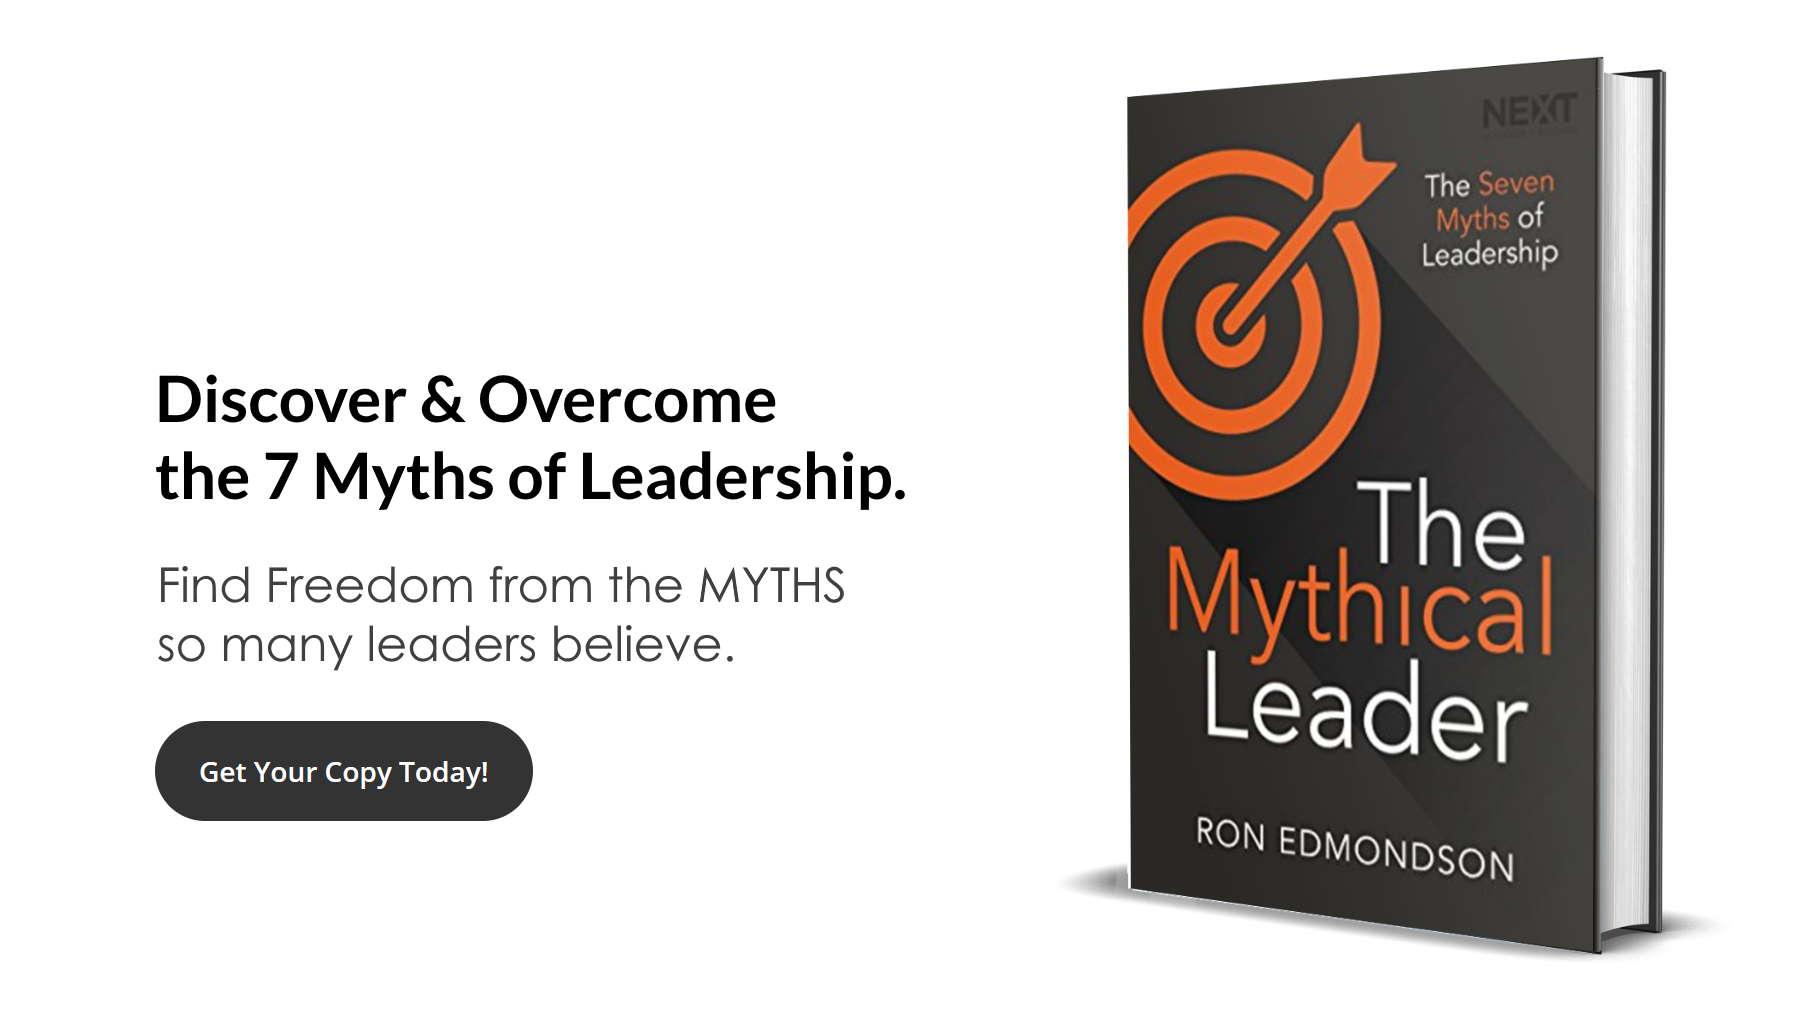 The 7 Myths of Leadership - Ron Edmondson